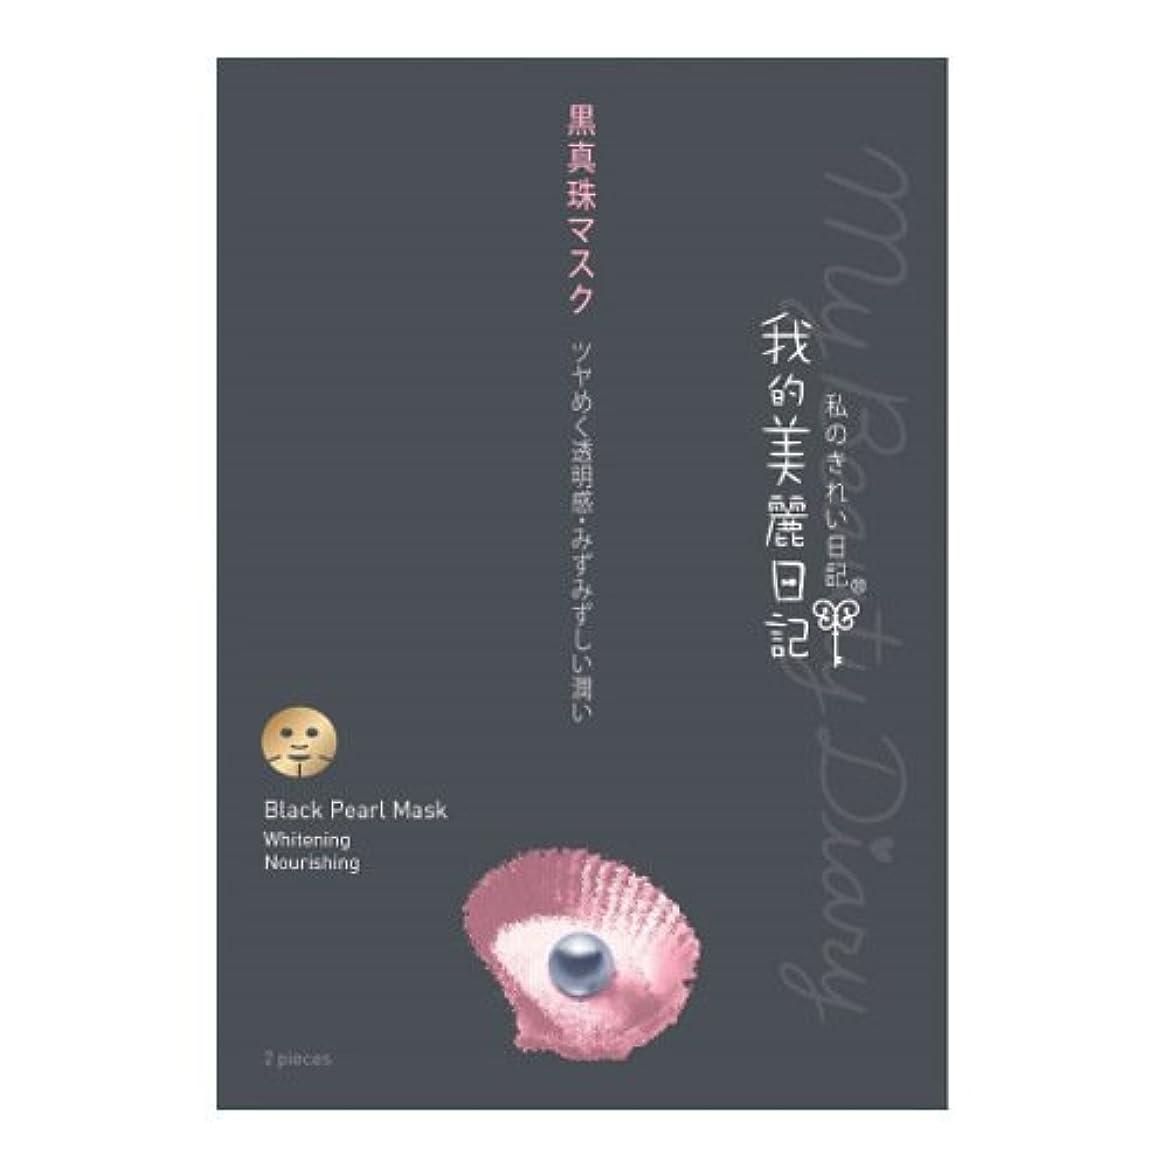 くさびフェローシップリハーサル我的美麗日記 私のきれい日記 黒真珠マスク 23ml×2枚